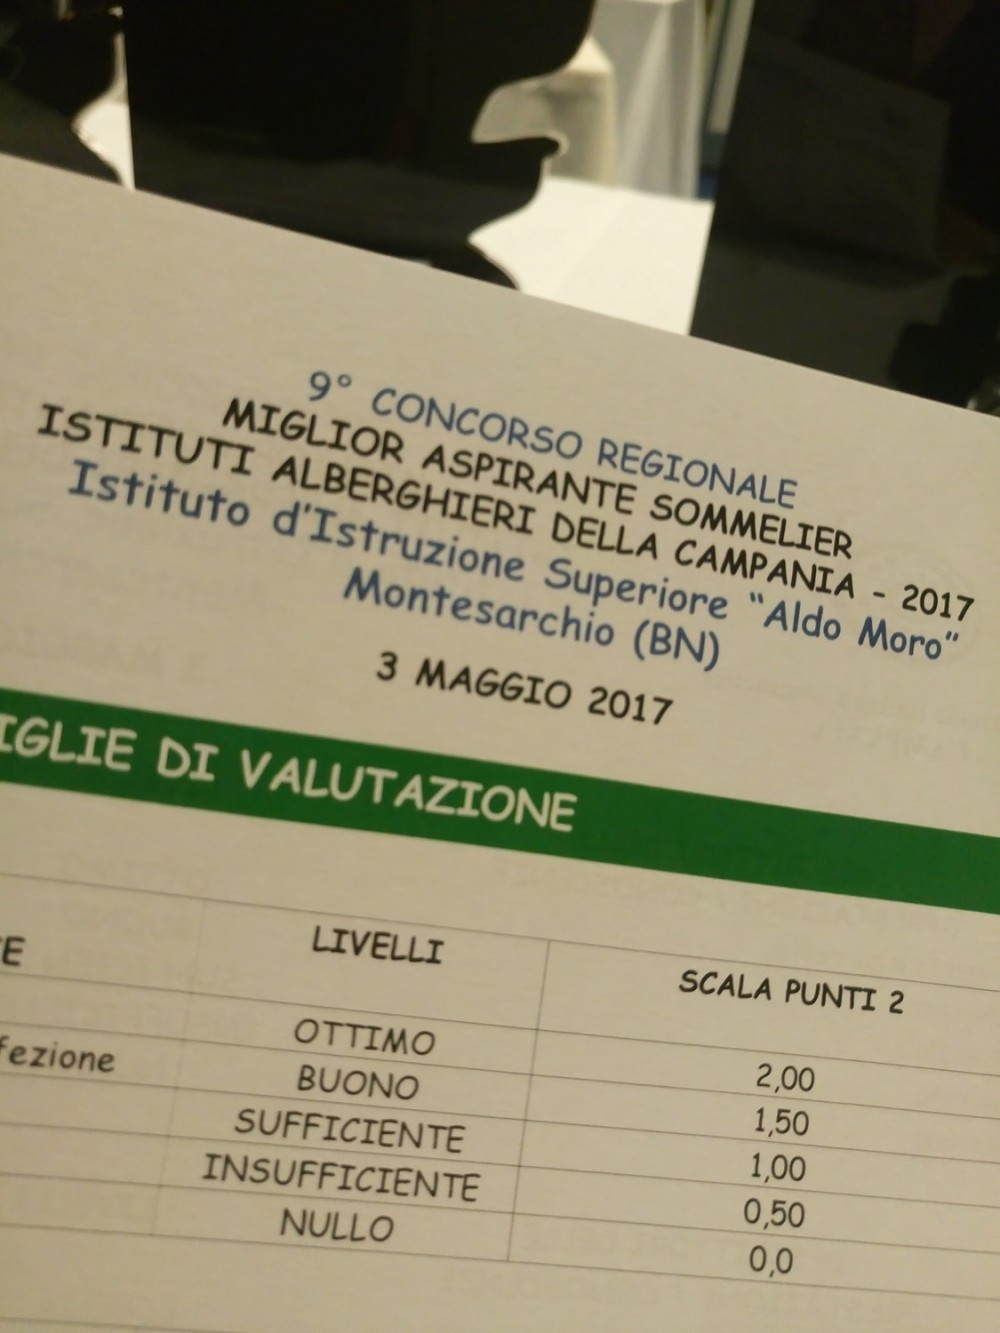 Miglior Aspirante Sommelier a Montesarchio, Scheda valutazione